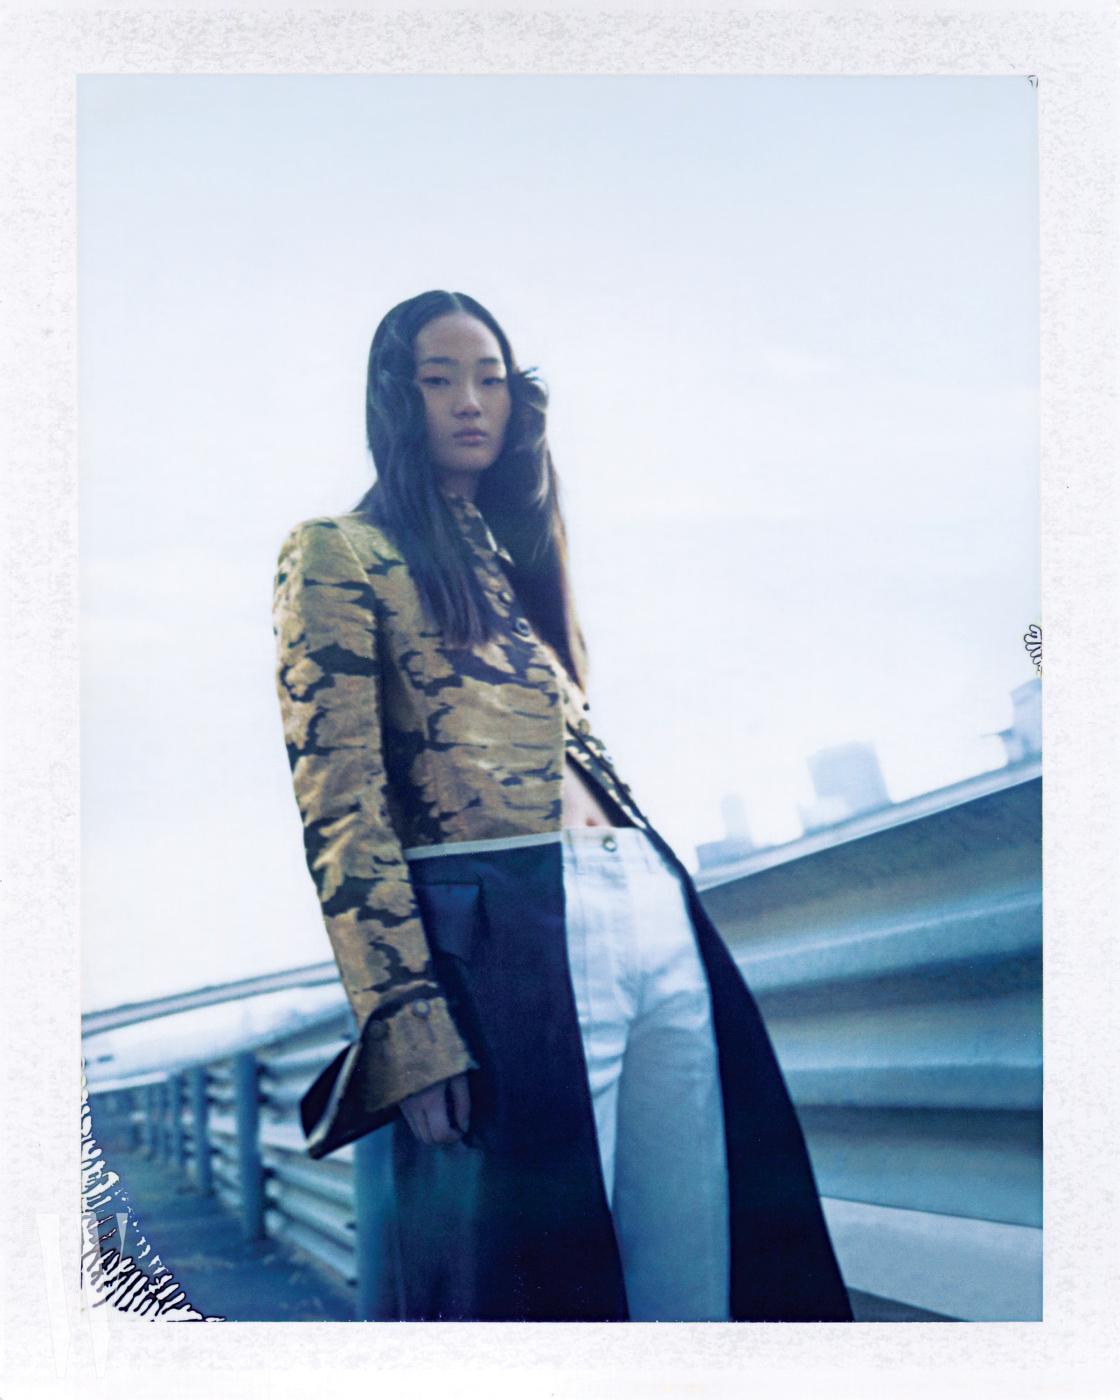 코트, 화이트 데님 팬츠는 Louis Vuitton 제품.